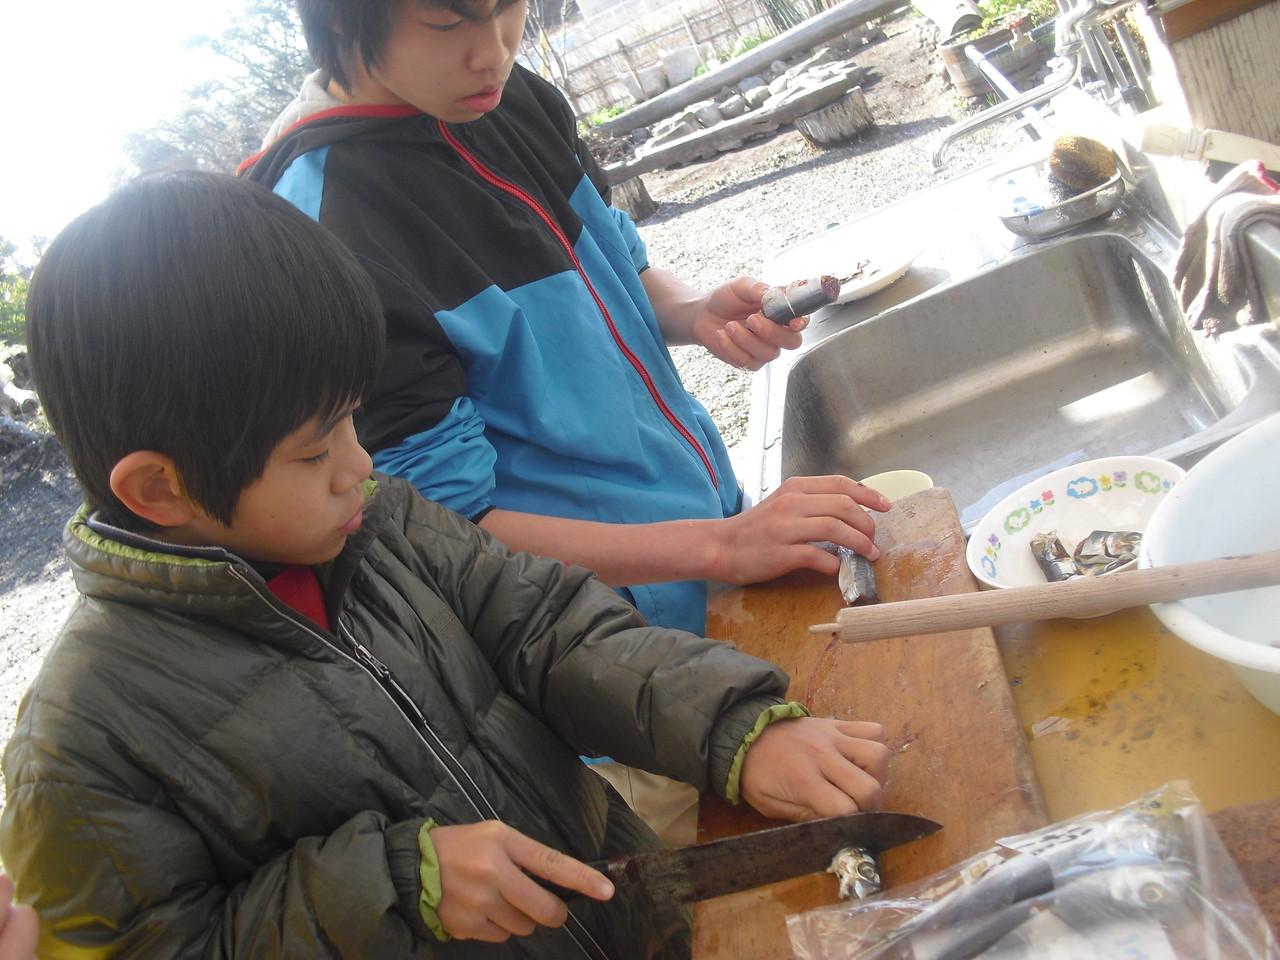 珍しく魚がふじっころに登場!子どもたちも魚の扱いはまだ慣れていないようです…。